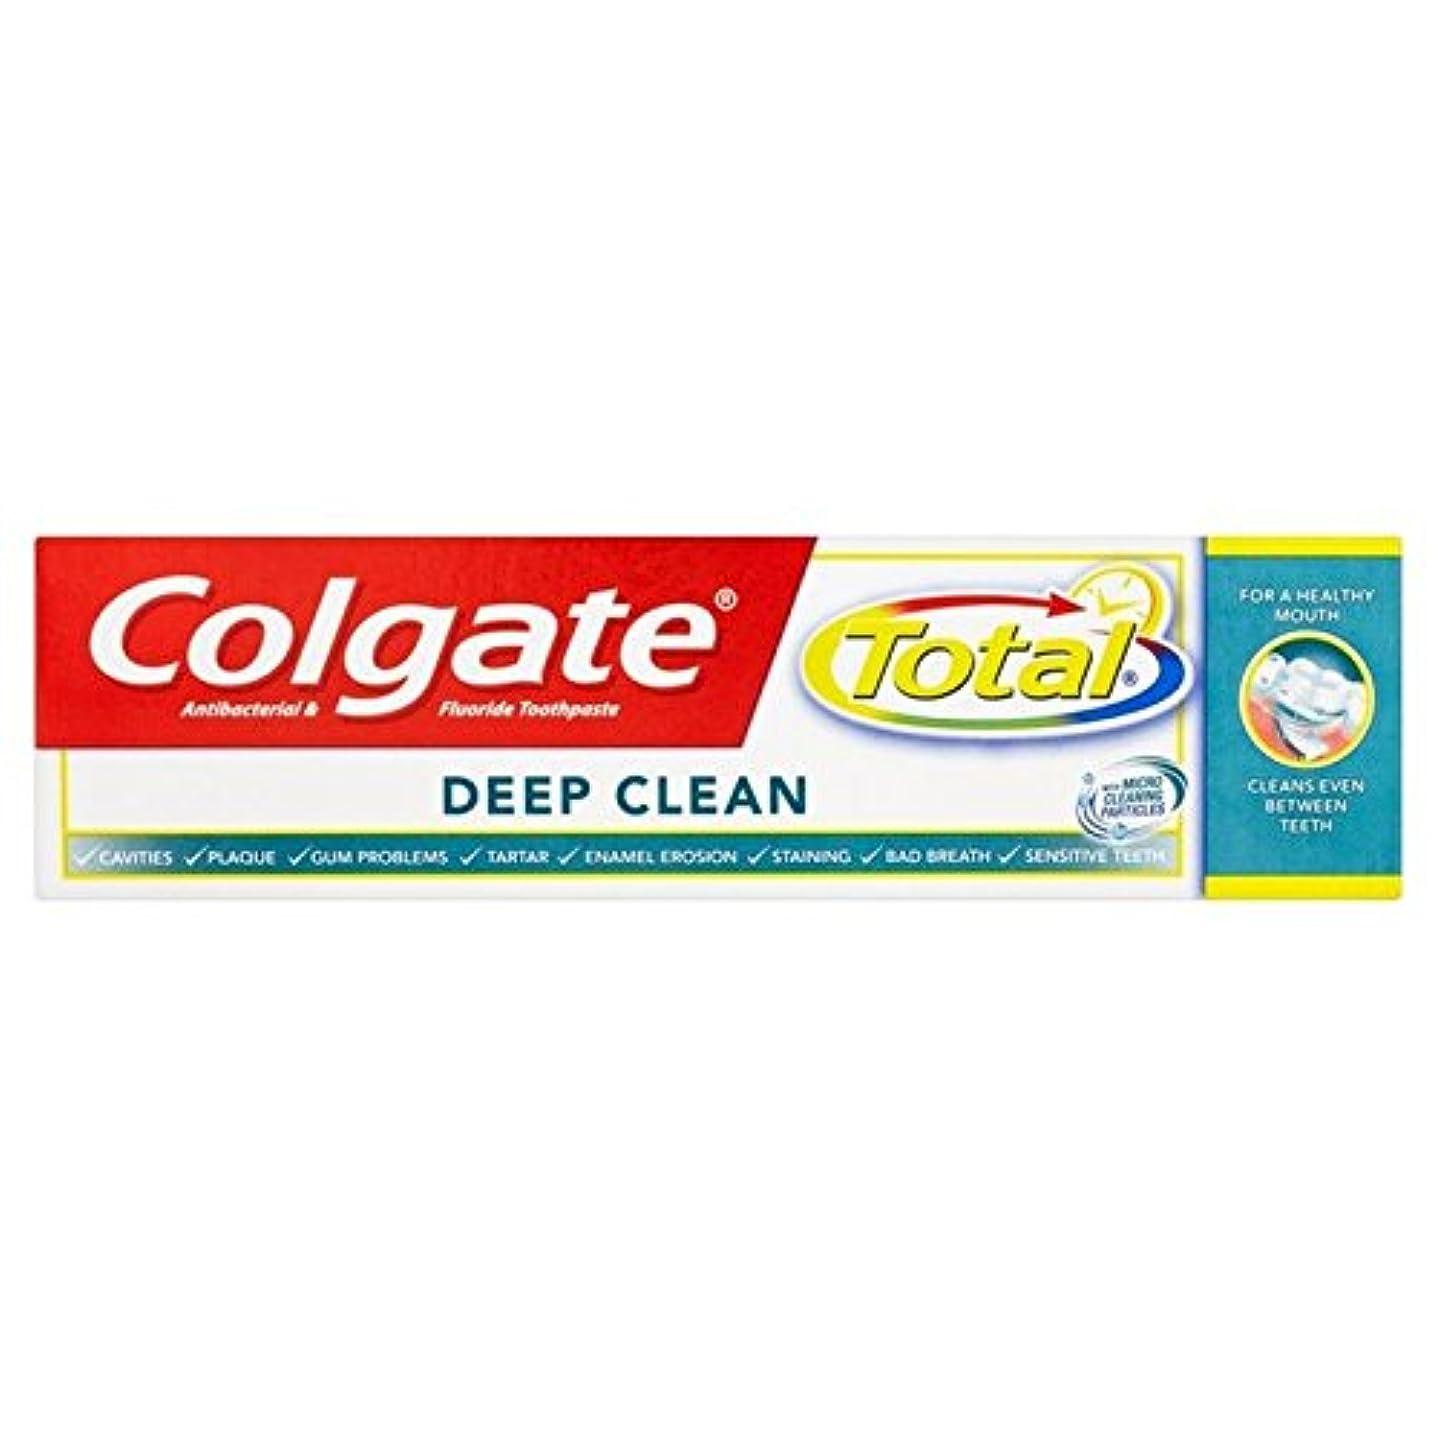 仕立て屋不測の事態薄暗いコルゲートトータル深いクリーン歯磨き粉75ミリリットル x2 - Colgate Total Deep Clean Toothpaste 75ml (Pack of 2) [並行輸入品]